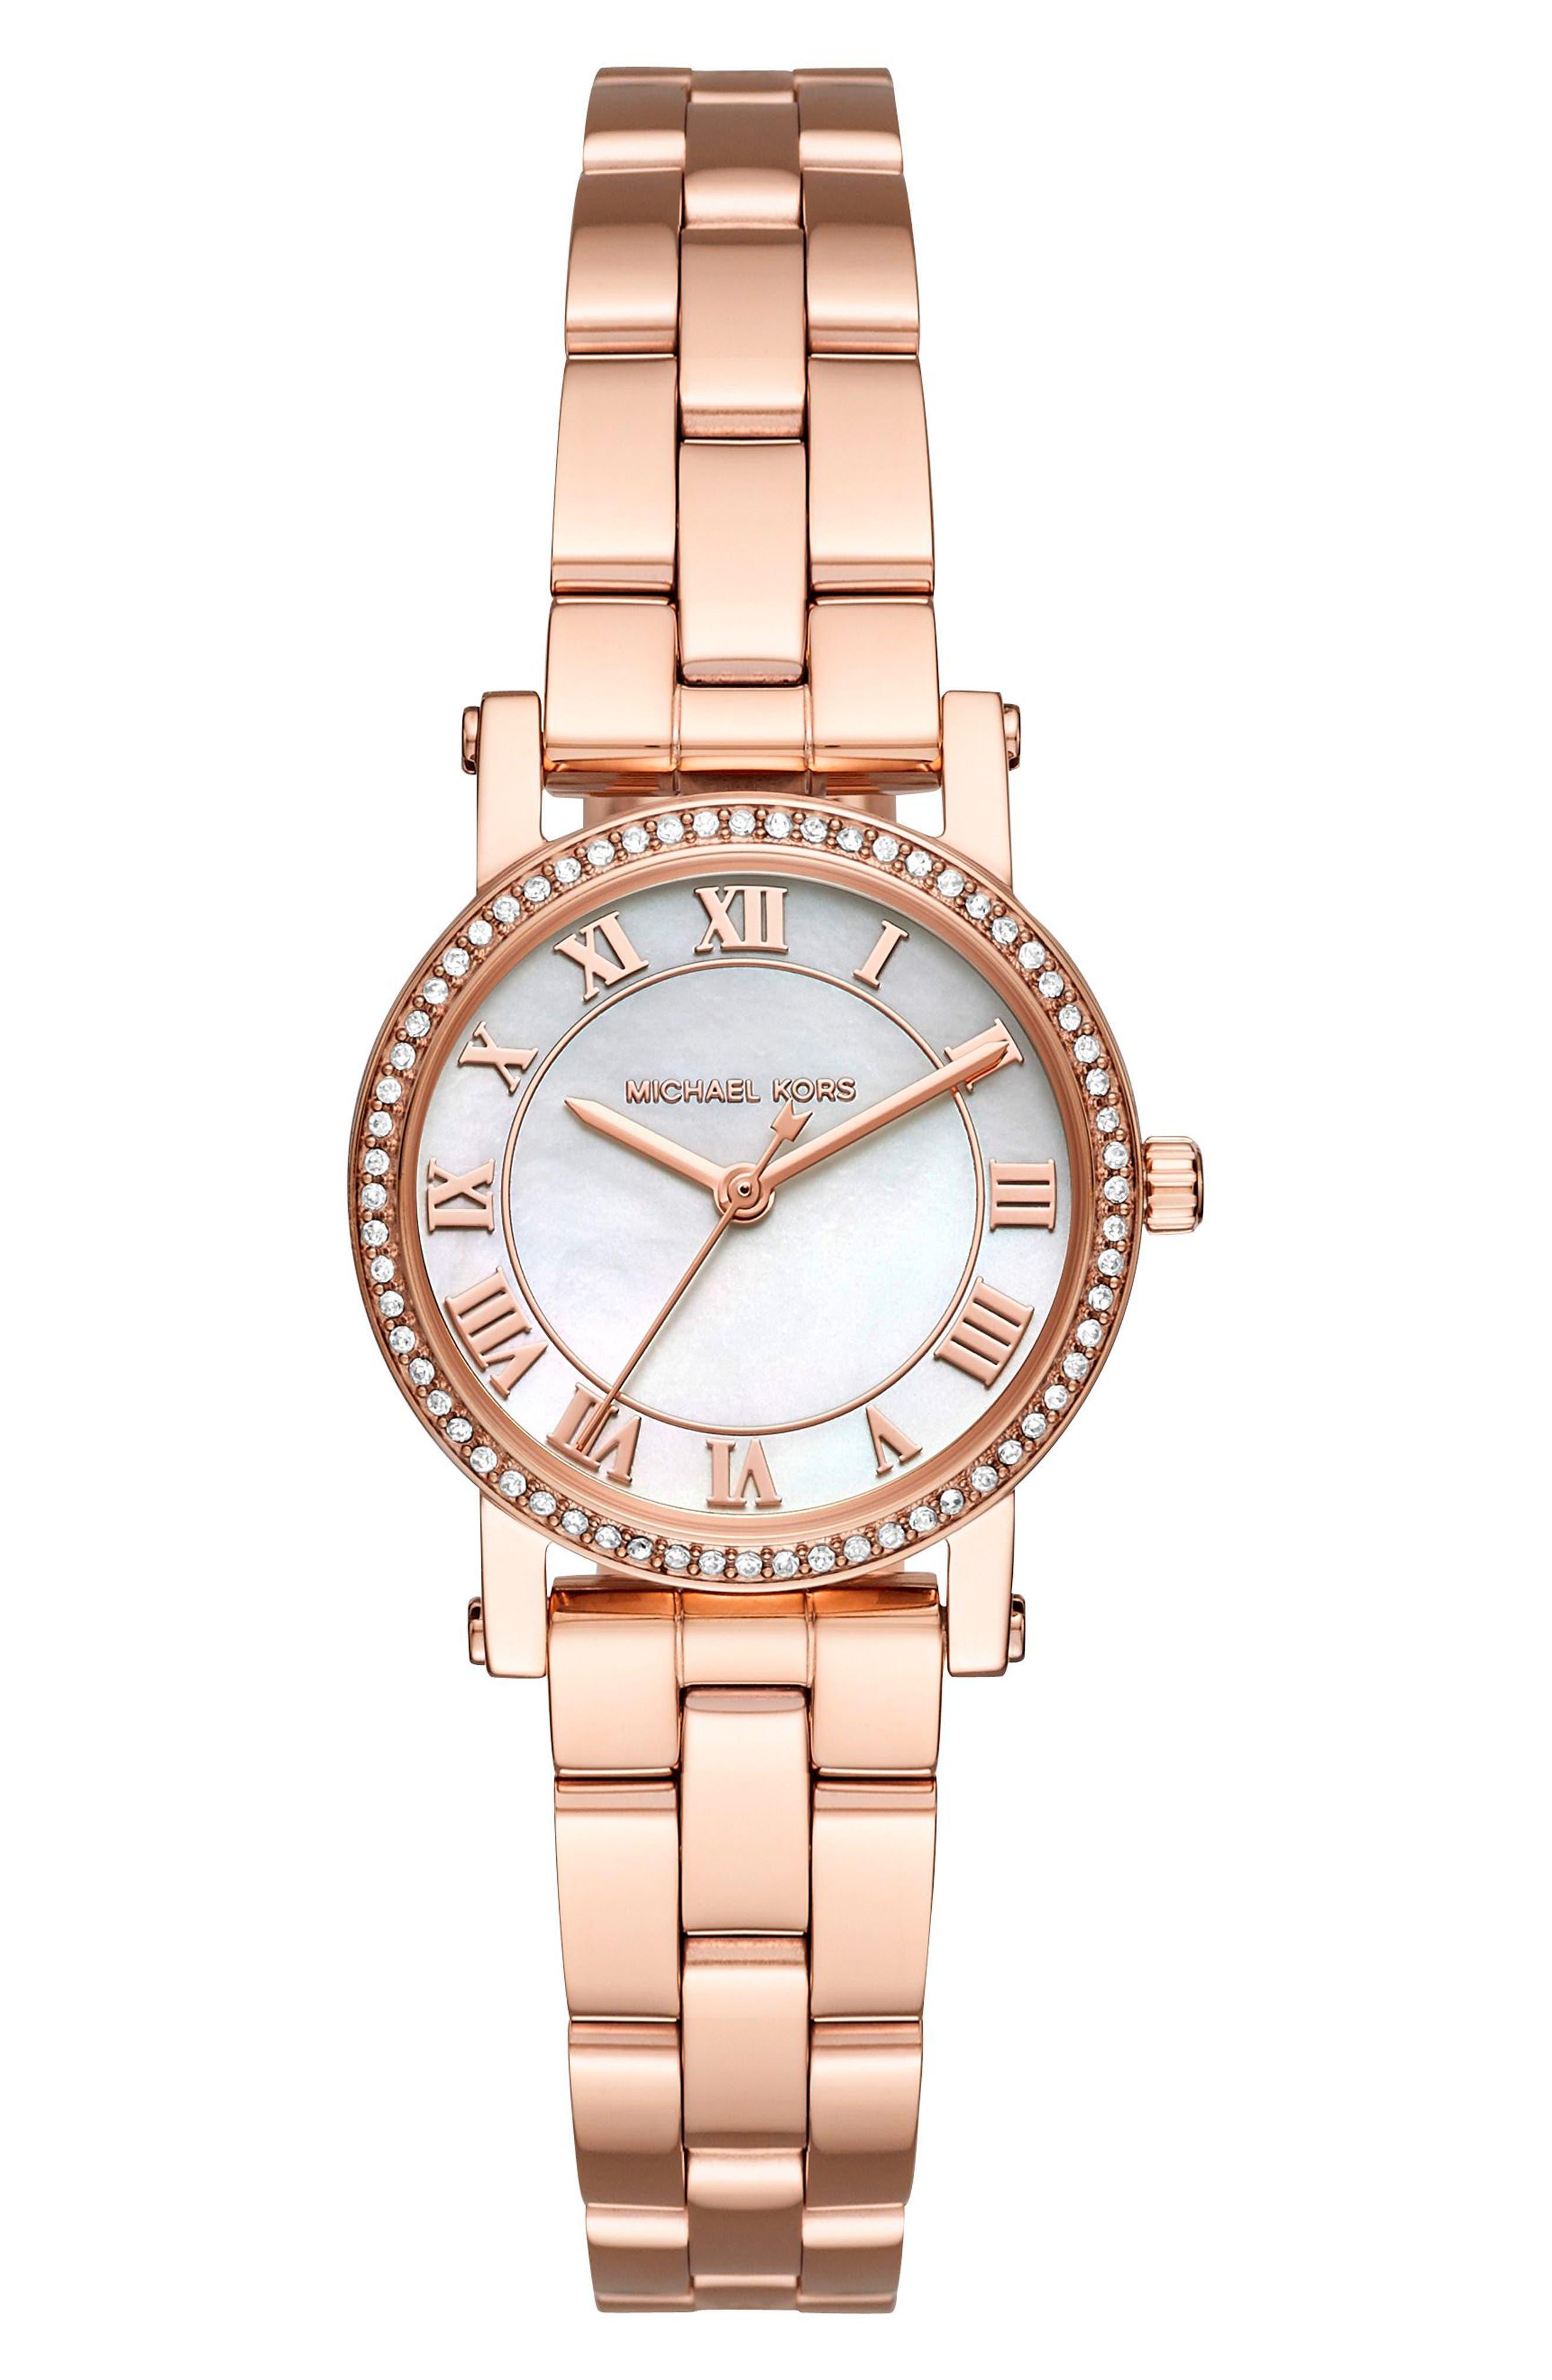 Main Image - Michael Kors Petite Norie Pavé Bracelet Watch, 28mm